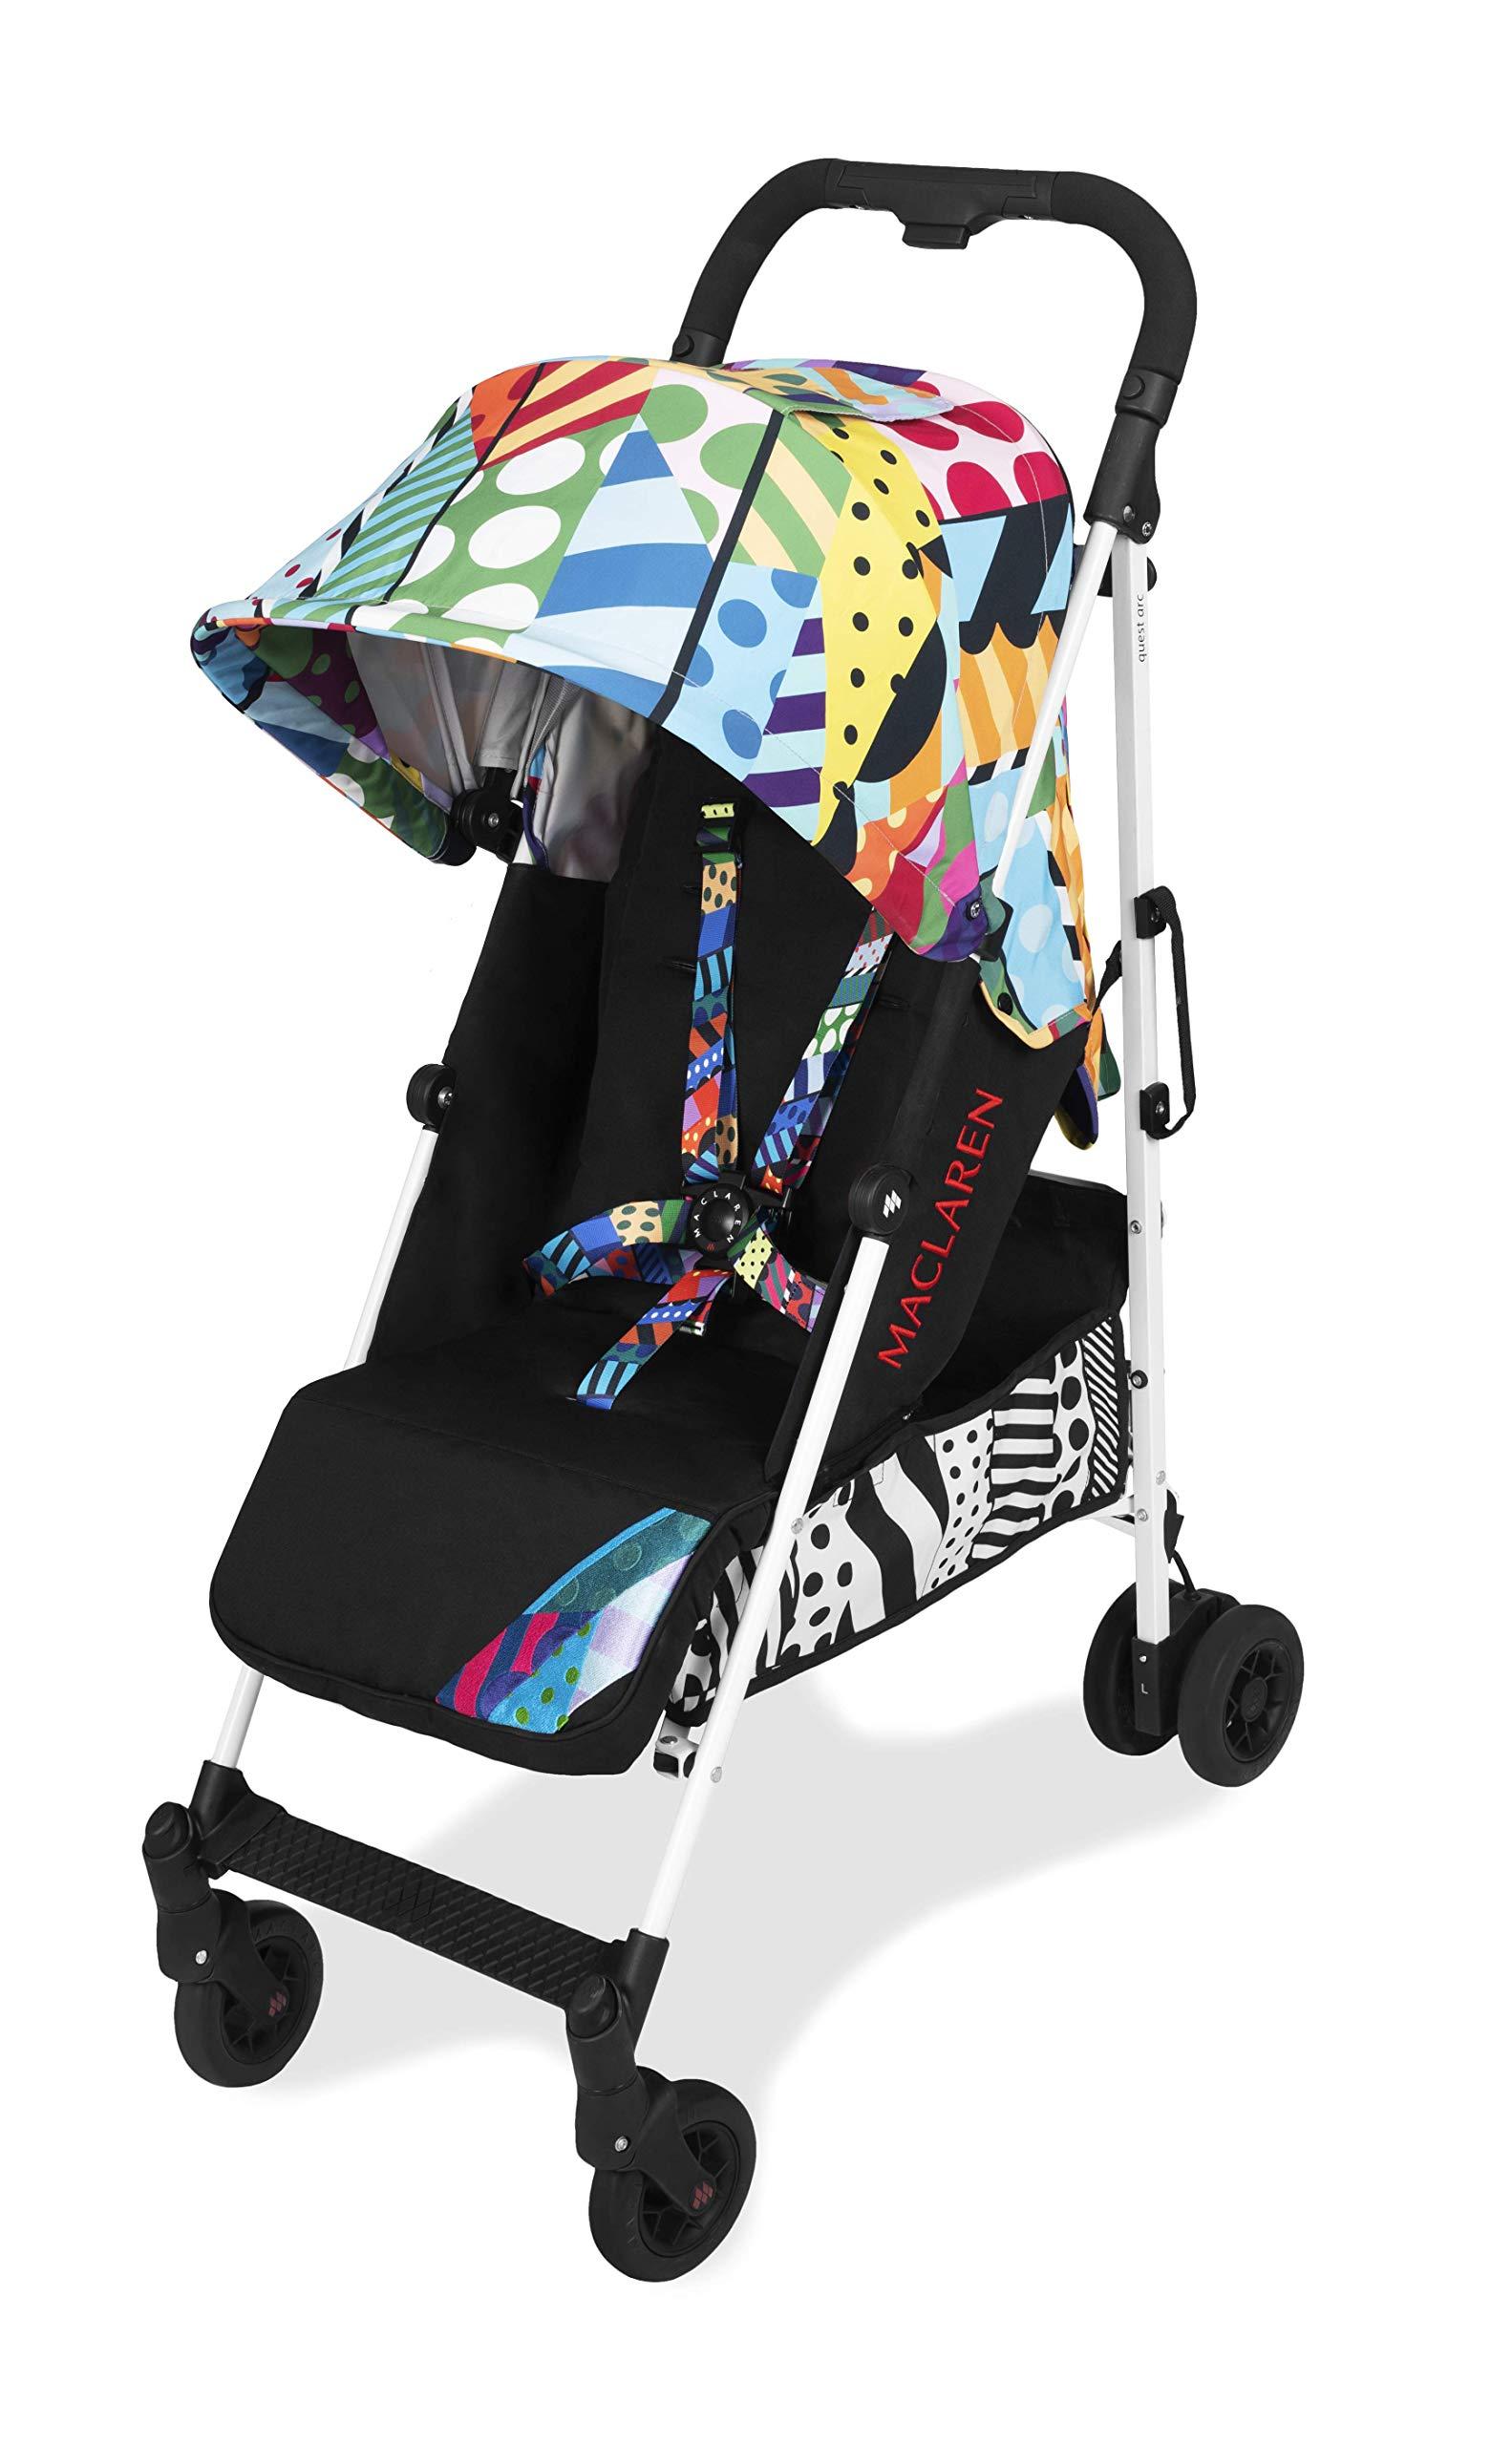 Maclaren Quest arc Silla de paseo ligero, manillar unido, para recién nacidos hasta los 25kg, Asiento multiposición, suspensión en las 4 ruedas